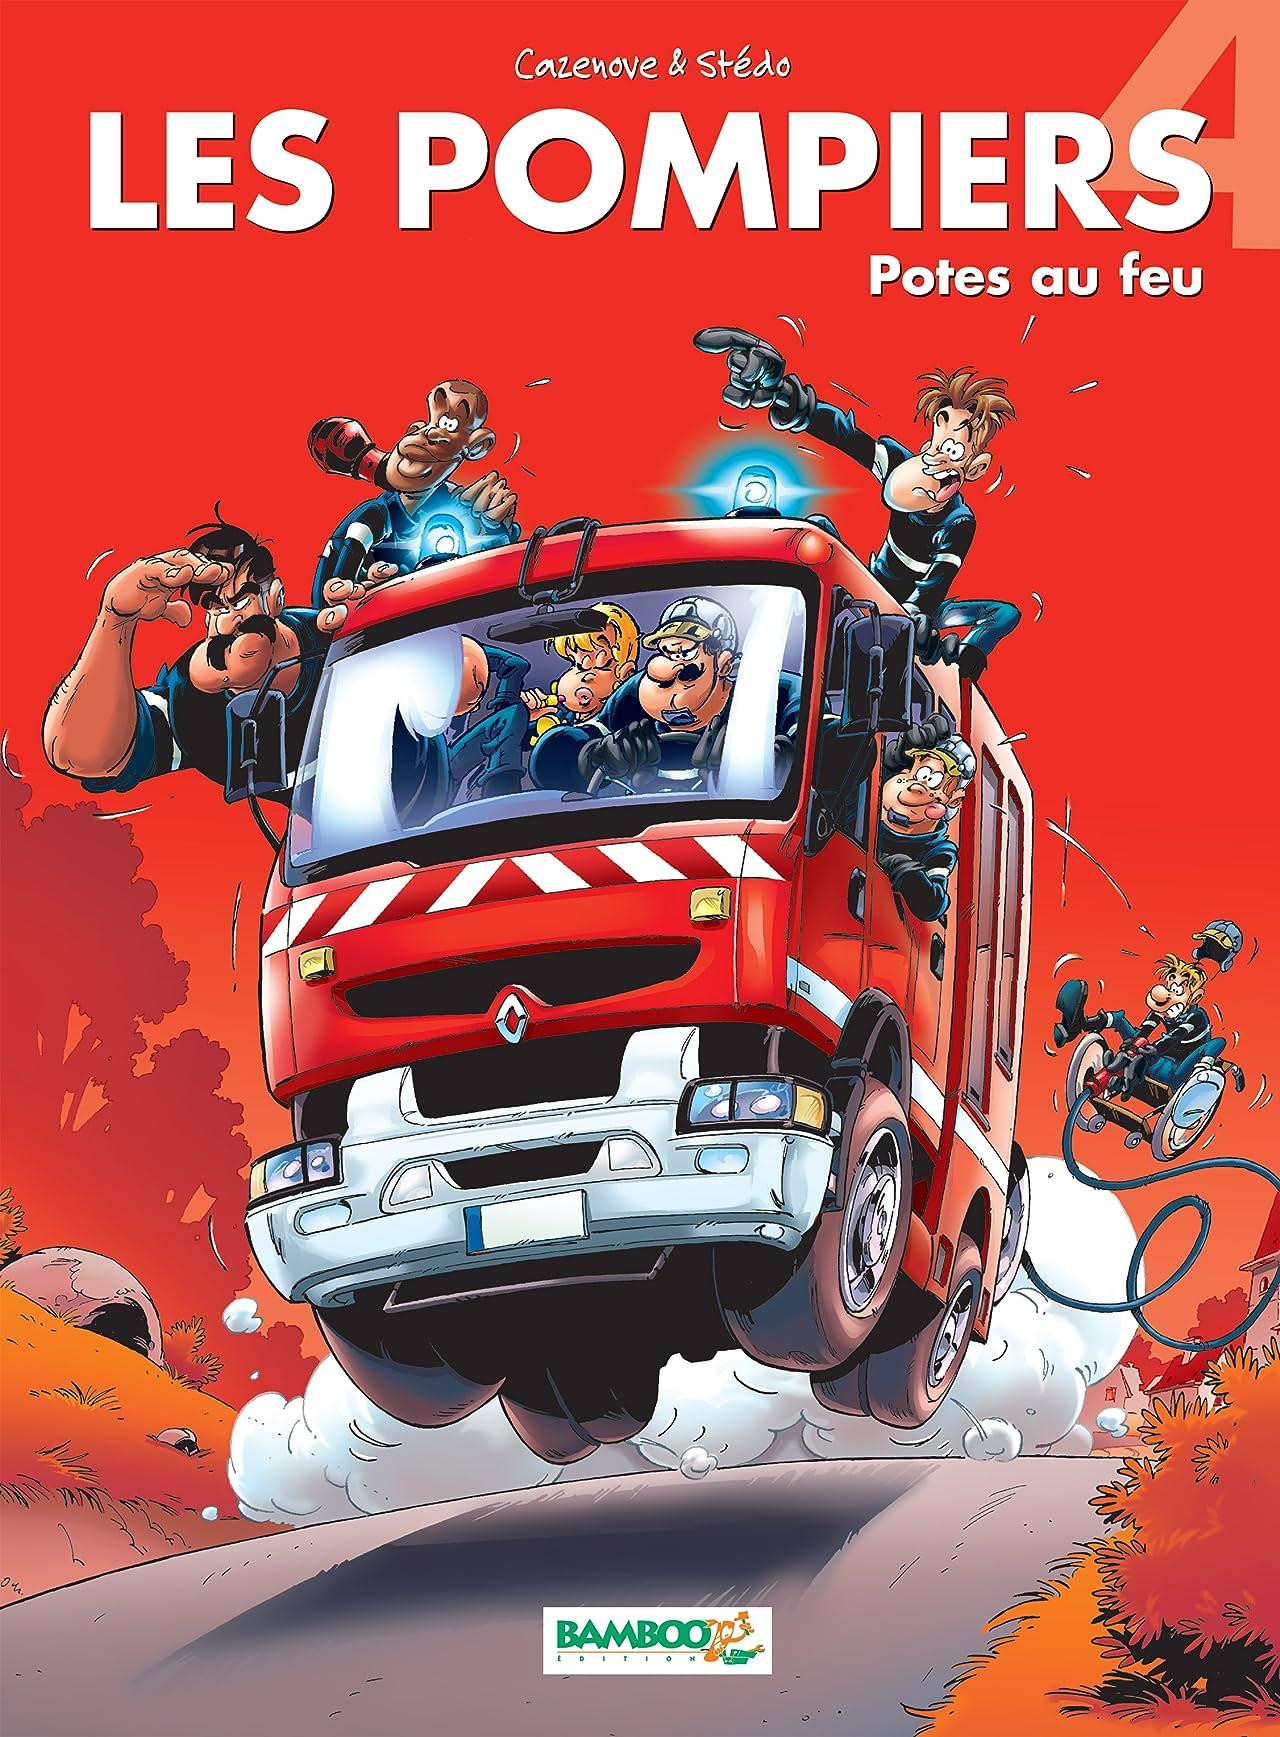 Les Pompiers Vol. 4: Potes au feu